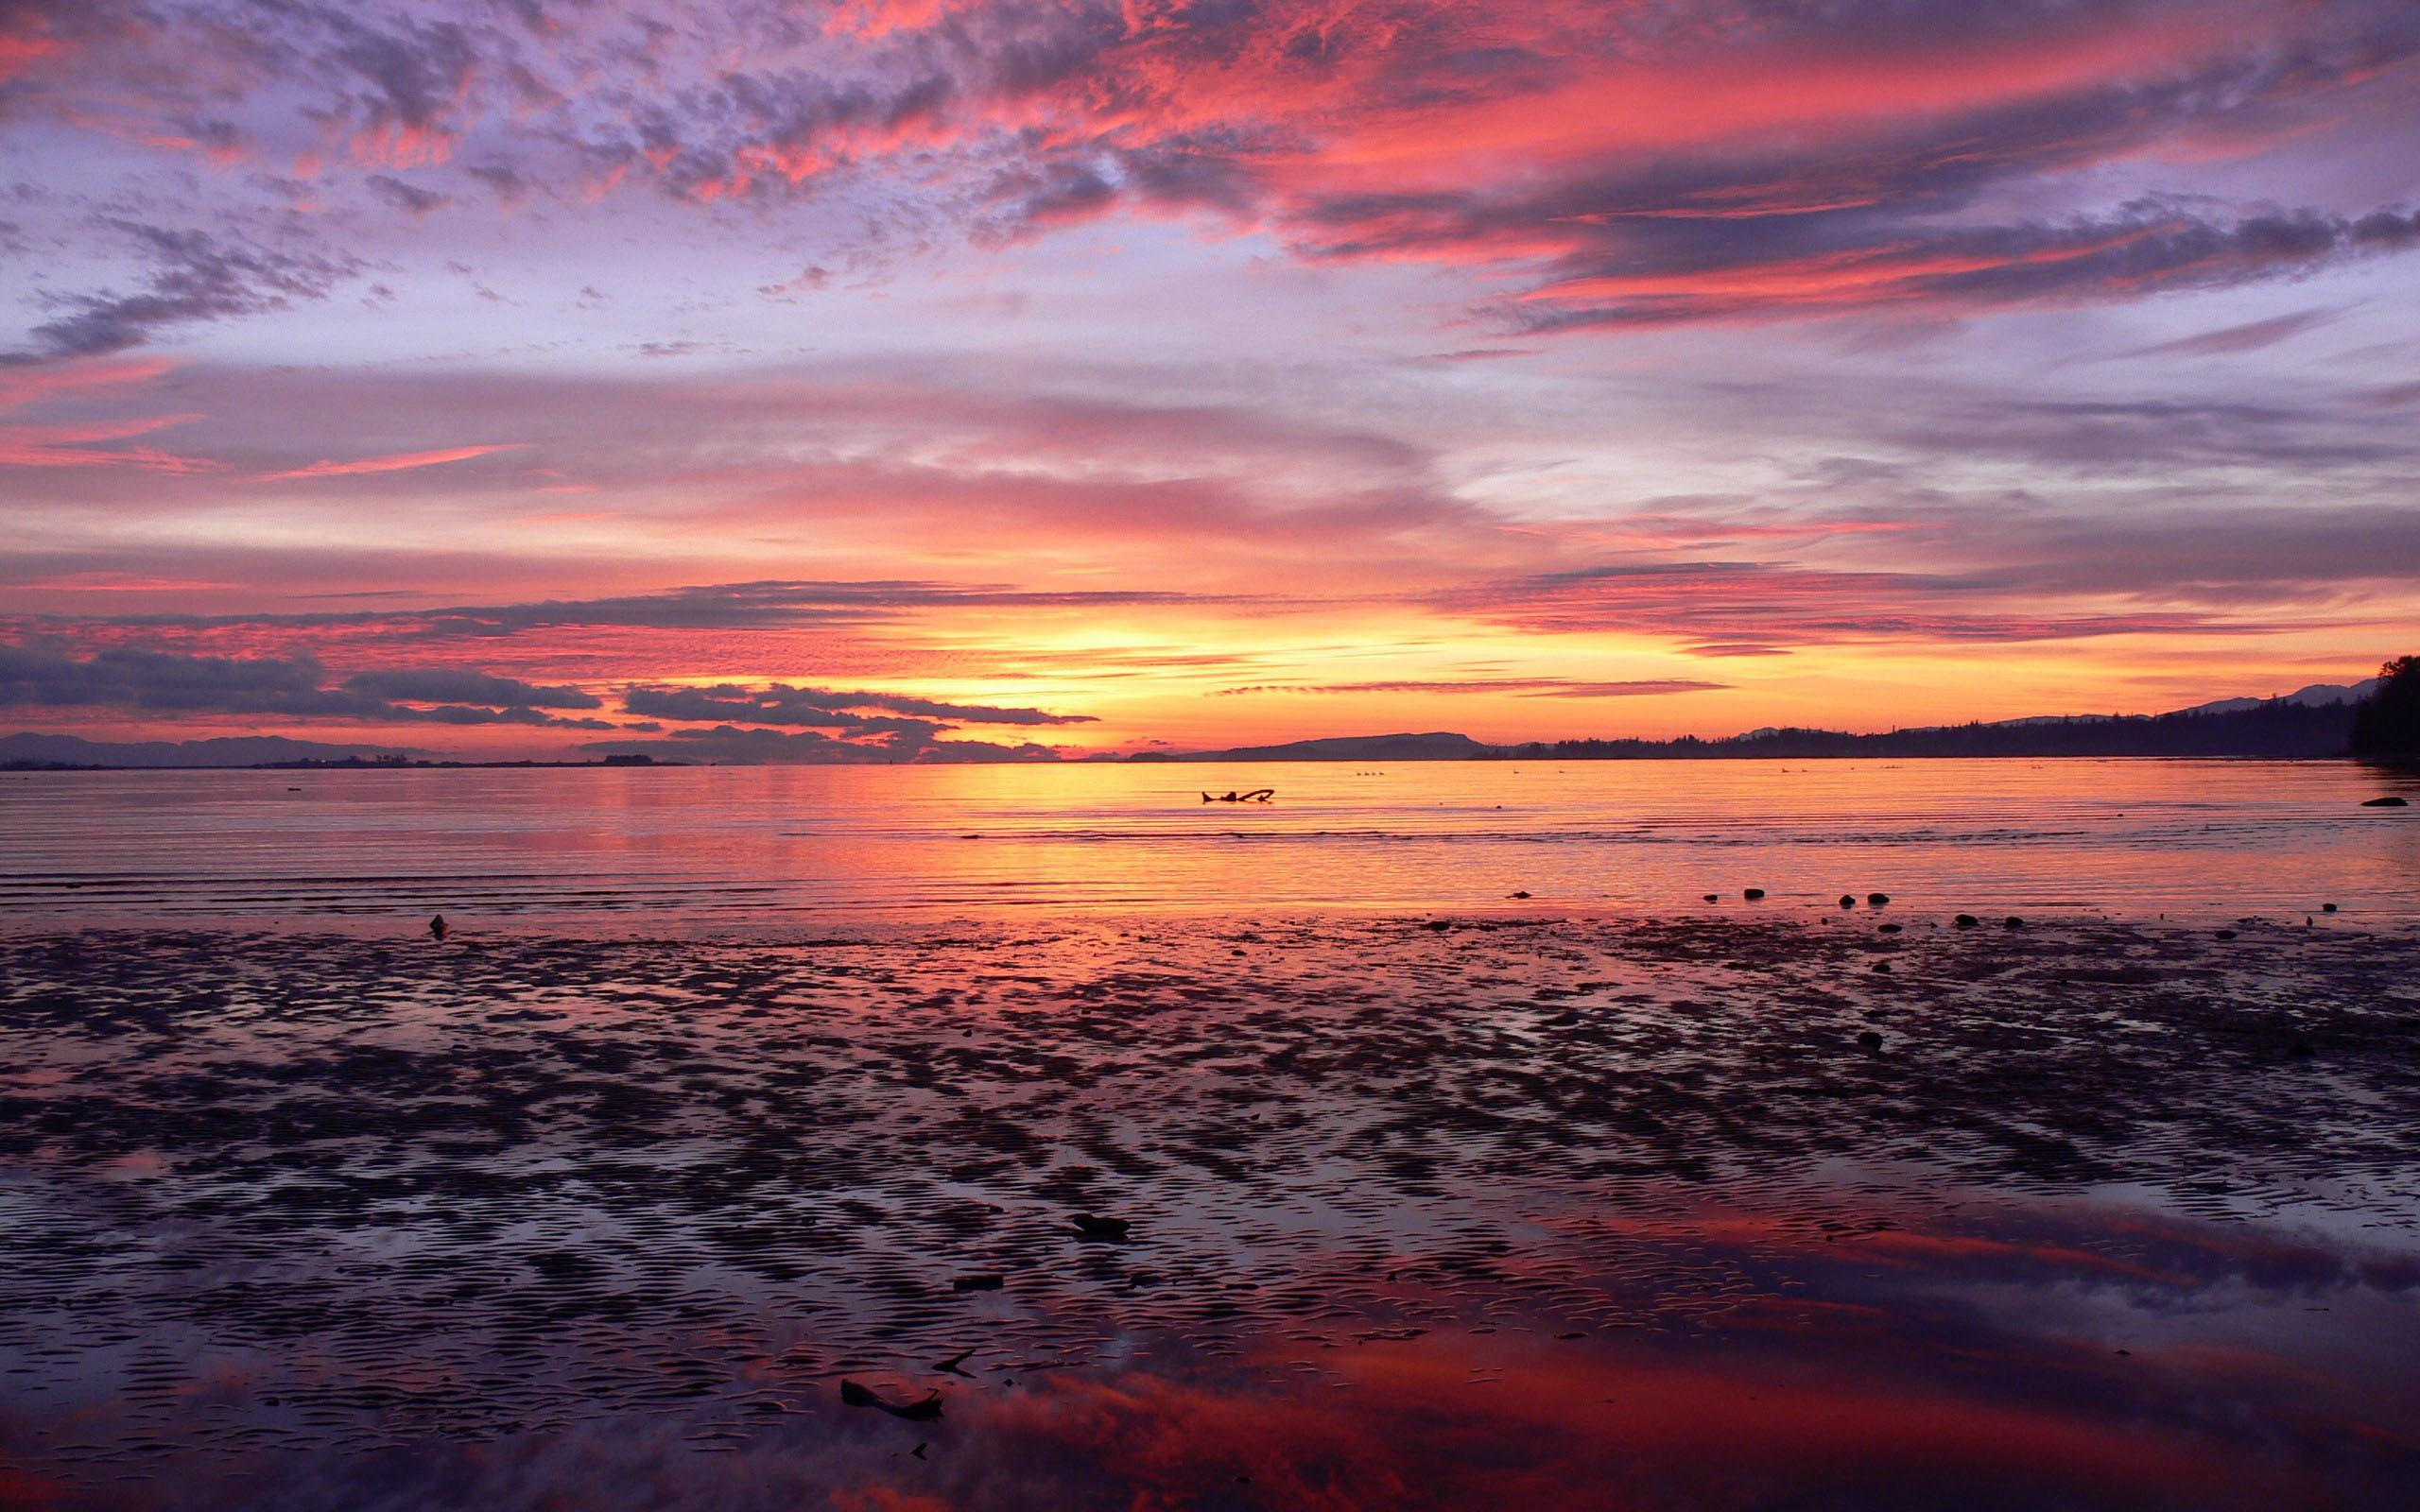 2560 x 1600 Wide Wallpapers Photos Desktop Wallpaper sunset beach 2560x1600